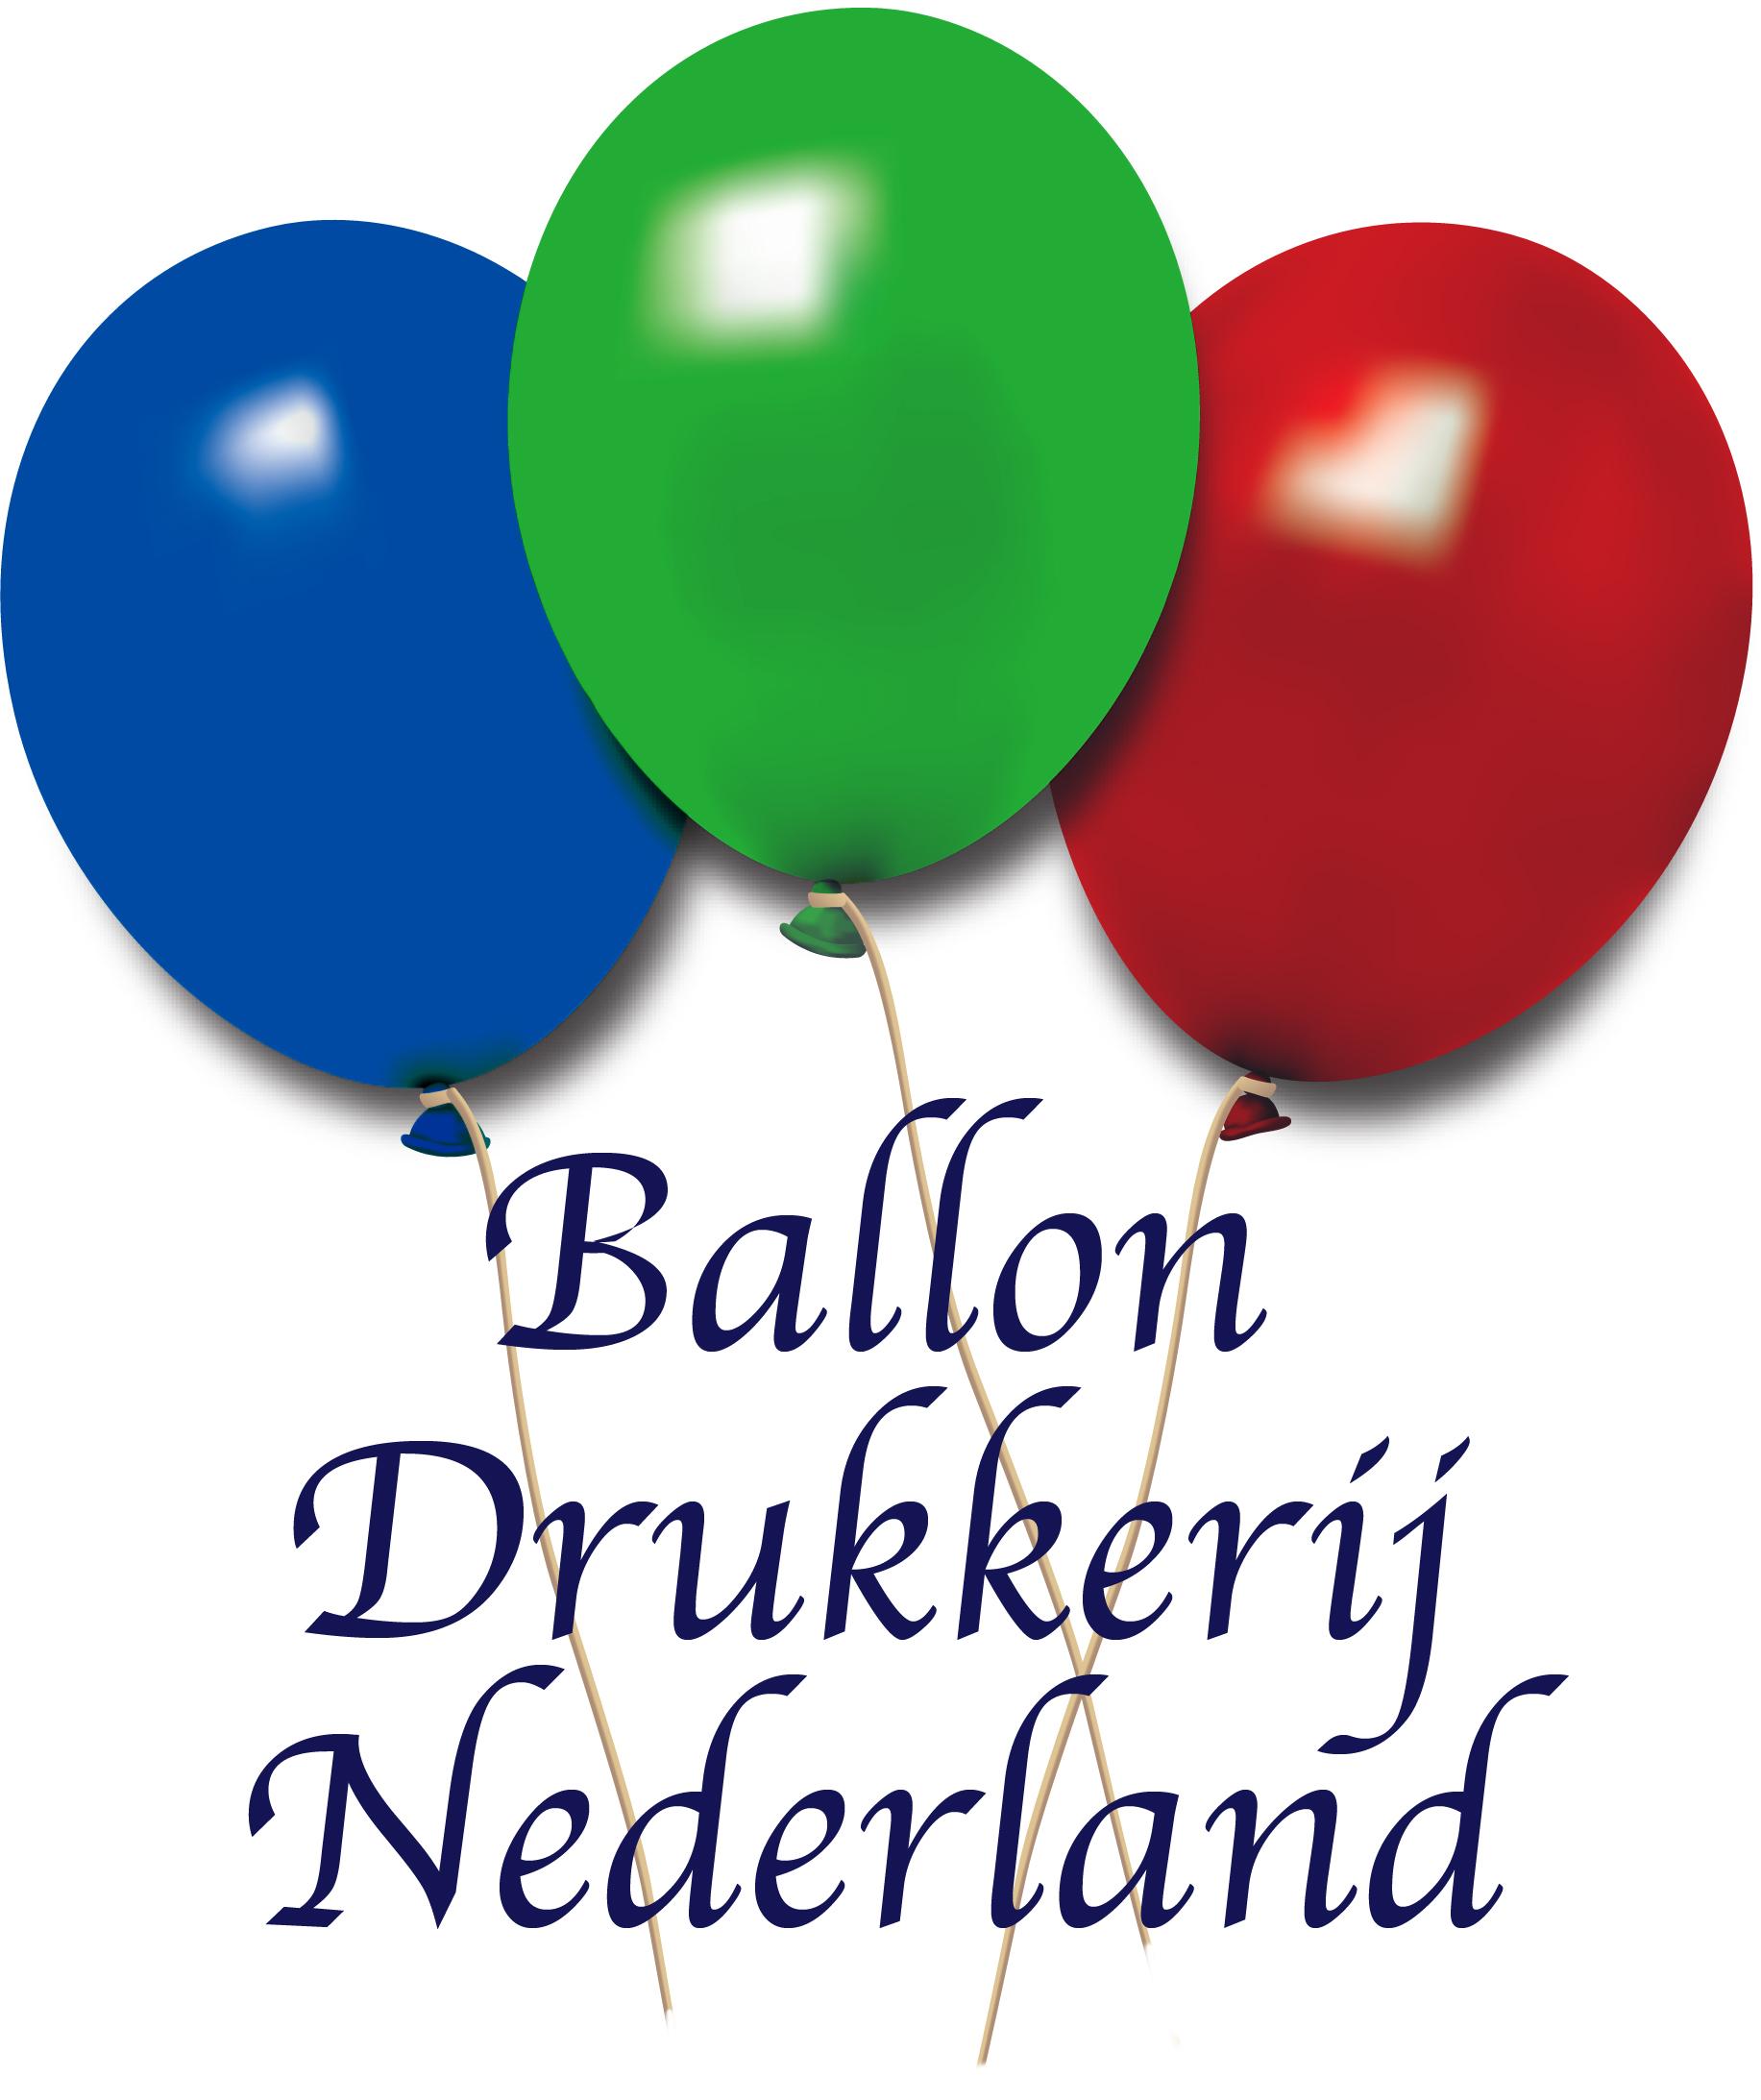 Ballondrukkerij Nederland